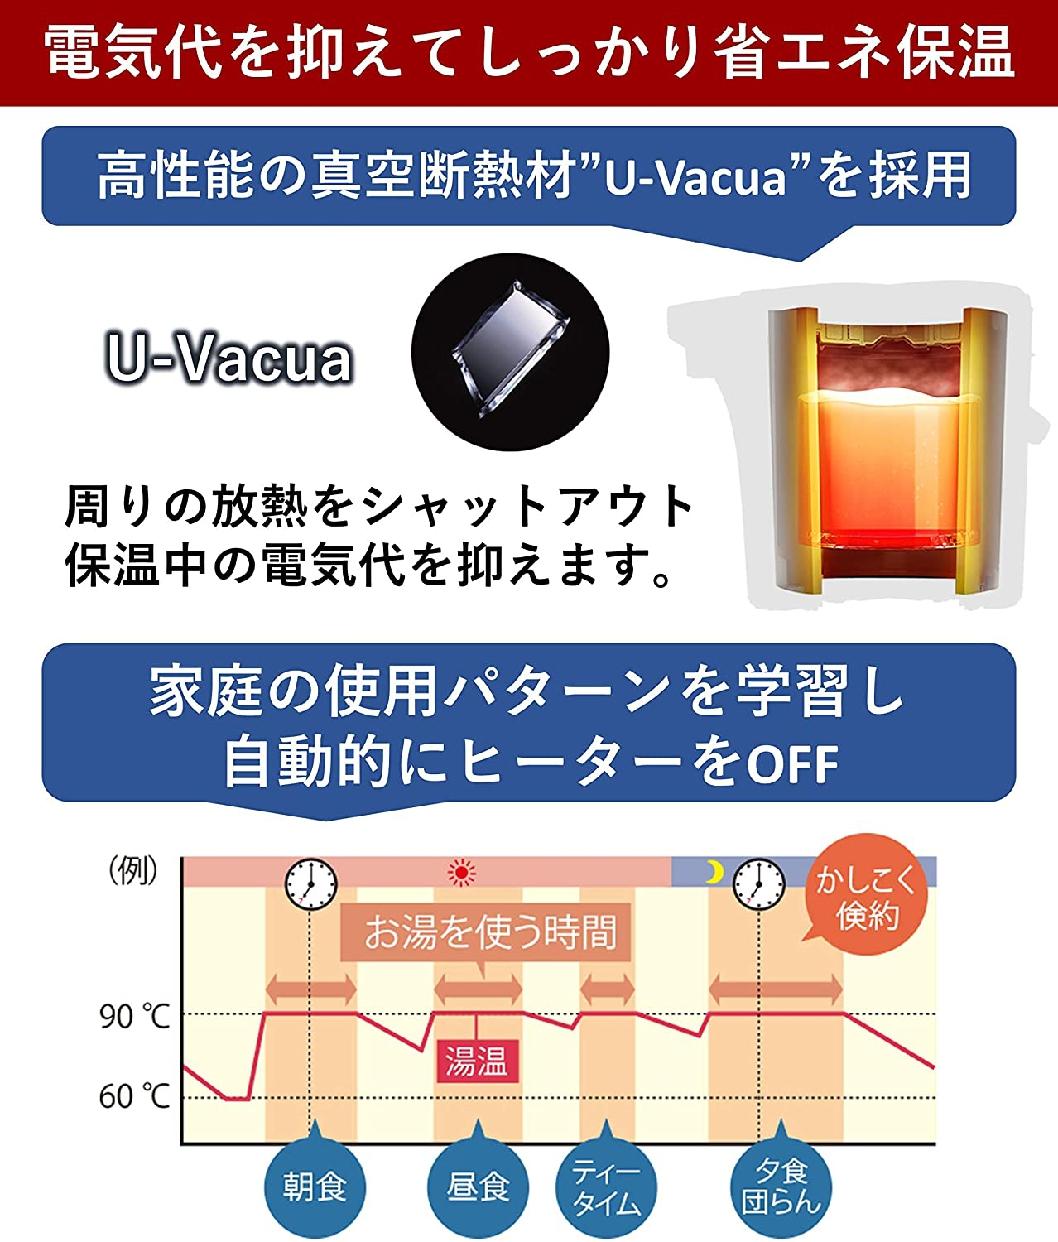 Panasonic(パナソニック)マイコン沸騰ジャーポット NC-SU404の商品画像3